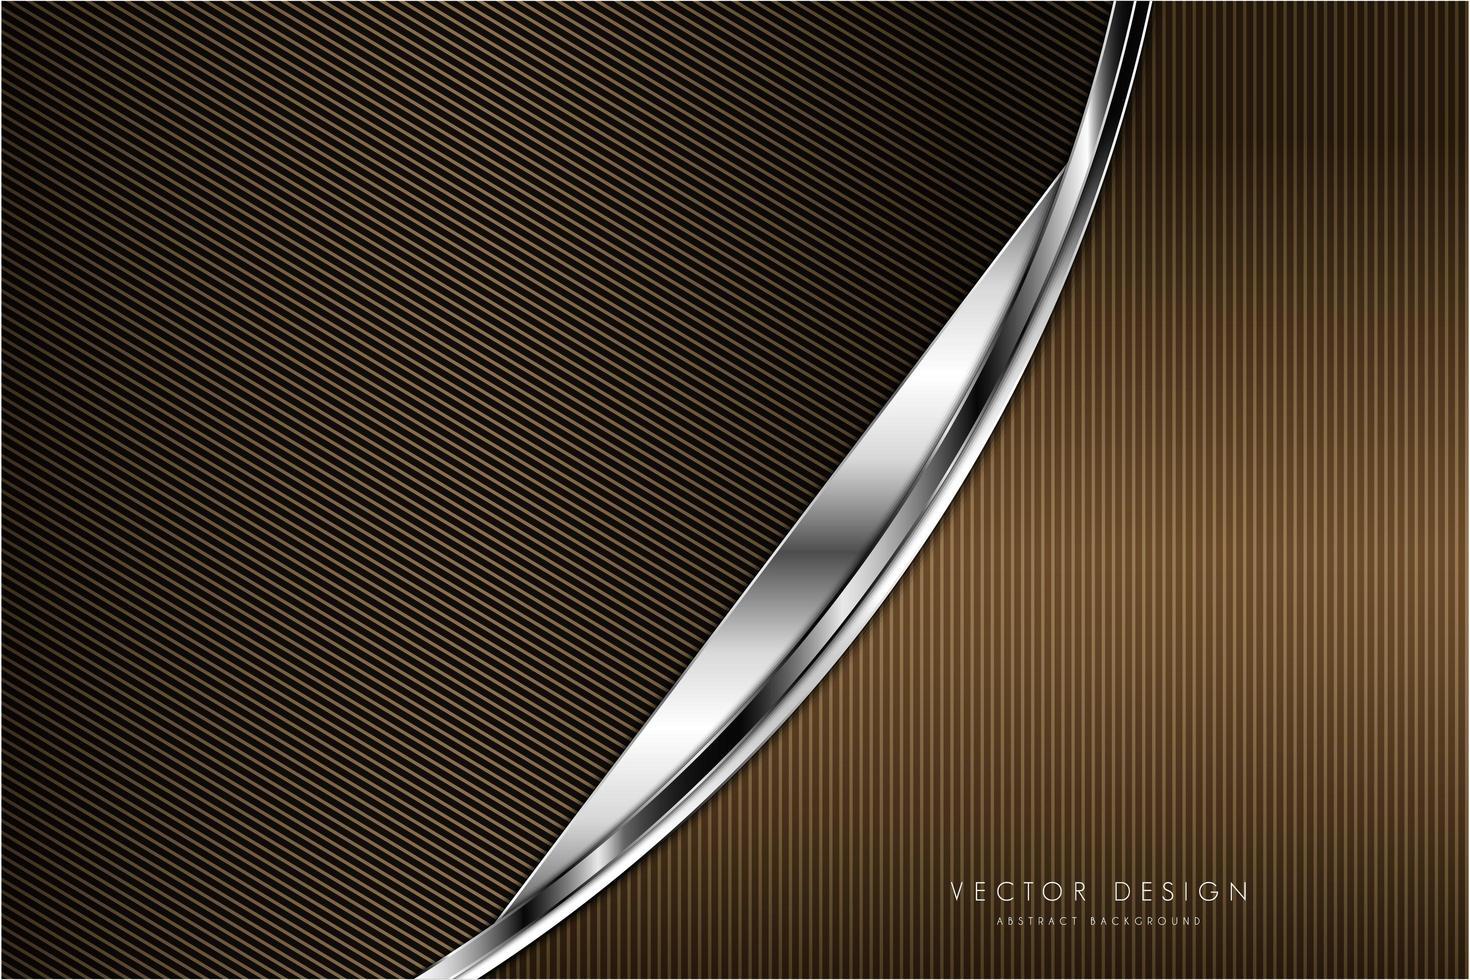 moderner metallischer Hintergrund aus Gold und Silber vektor